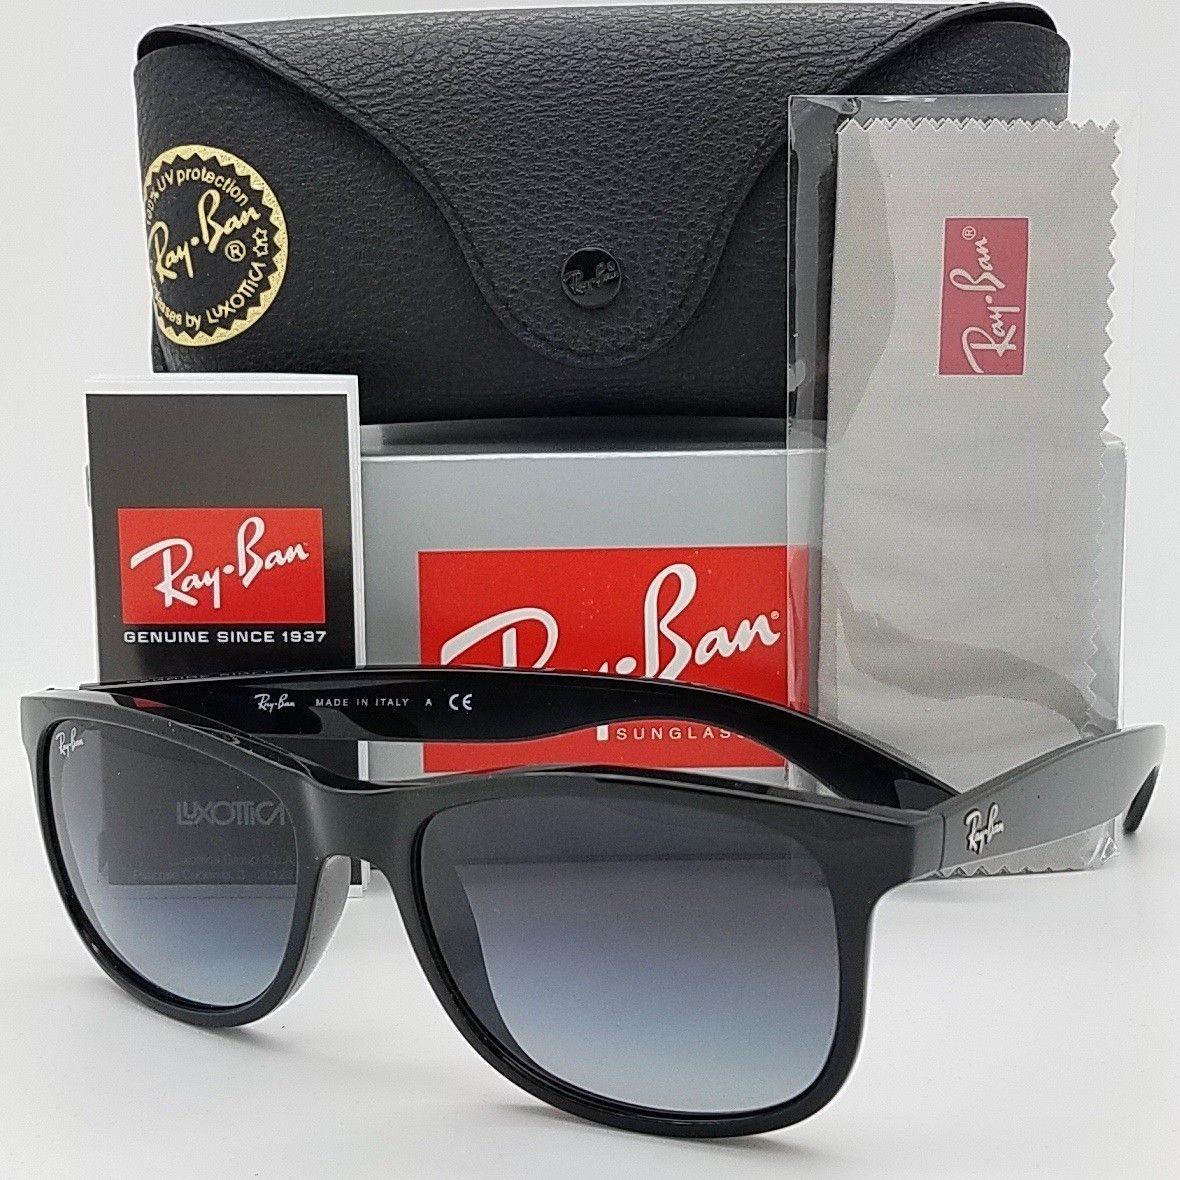 c0a7a0f19 Nuevas Gafas De Sol Rayban Andy Rb4202 601 / 8g 55 Mm Negro ...